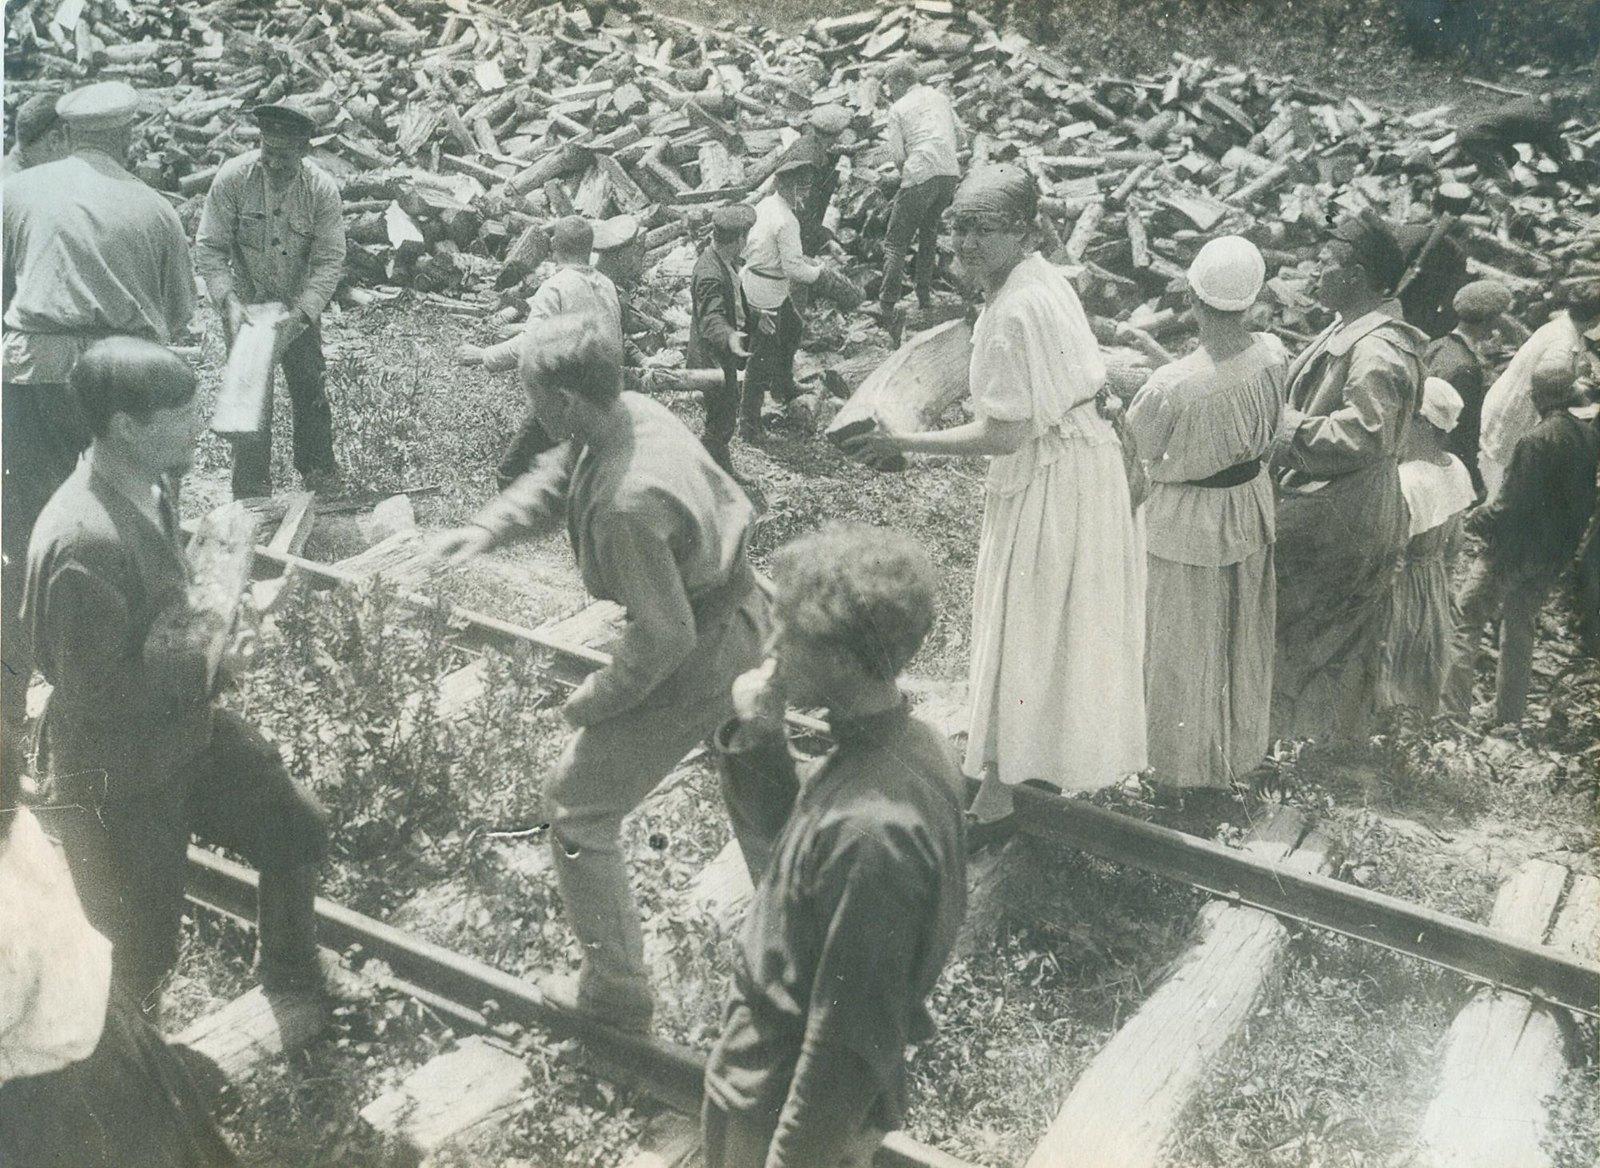 1920. Сотрудники поезда «Красный казак» на субботнике. Северный Кавказ. Апрель